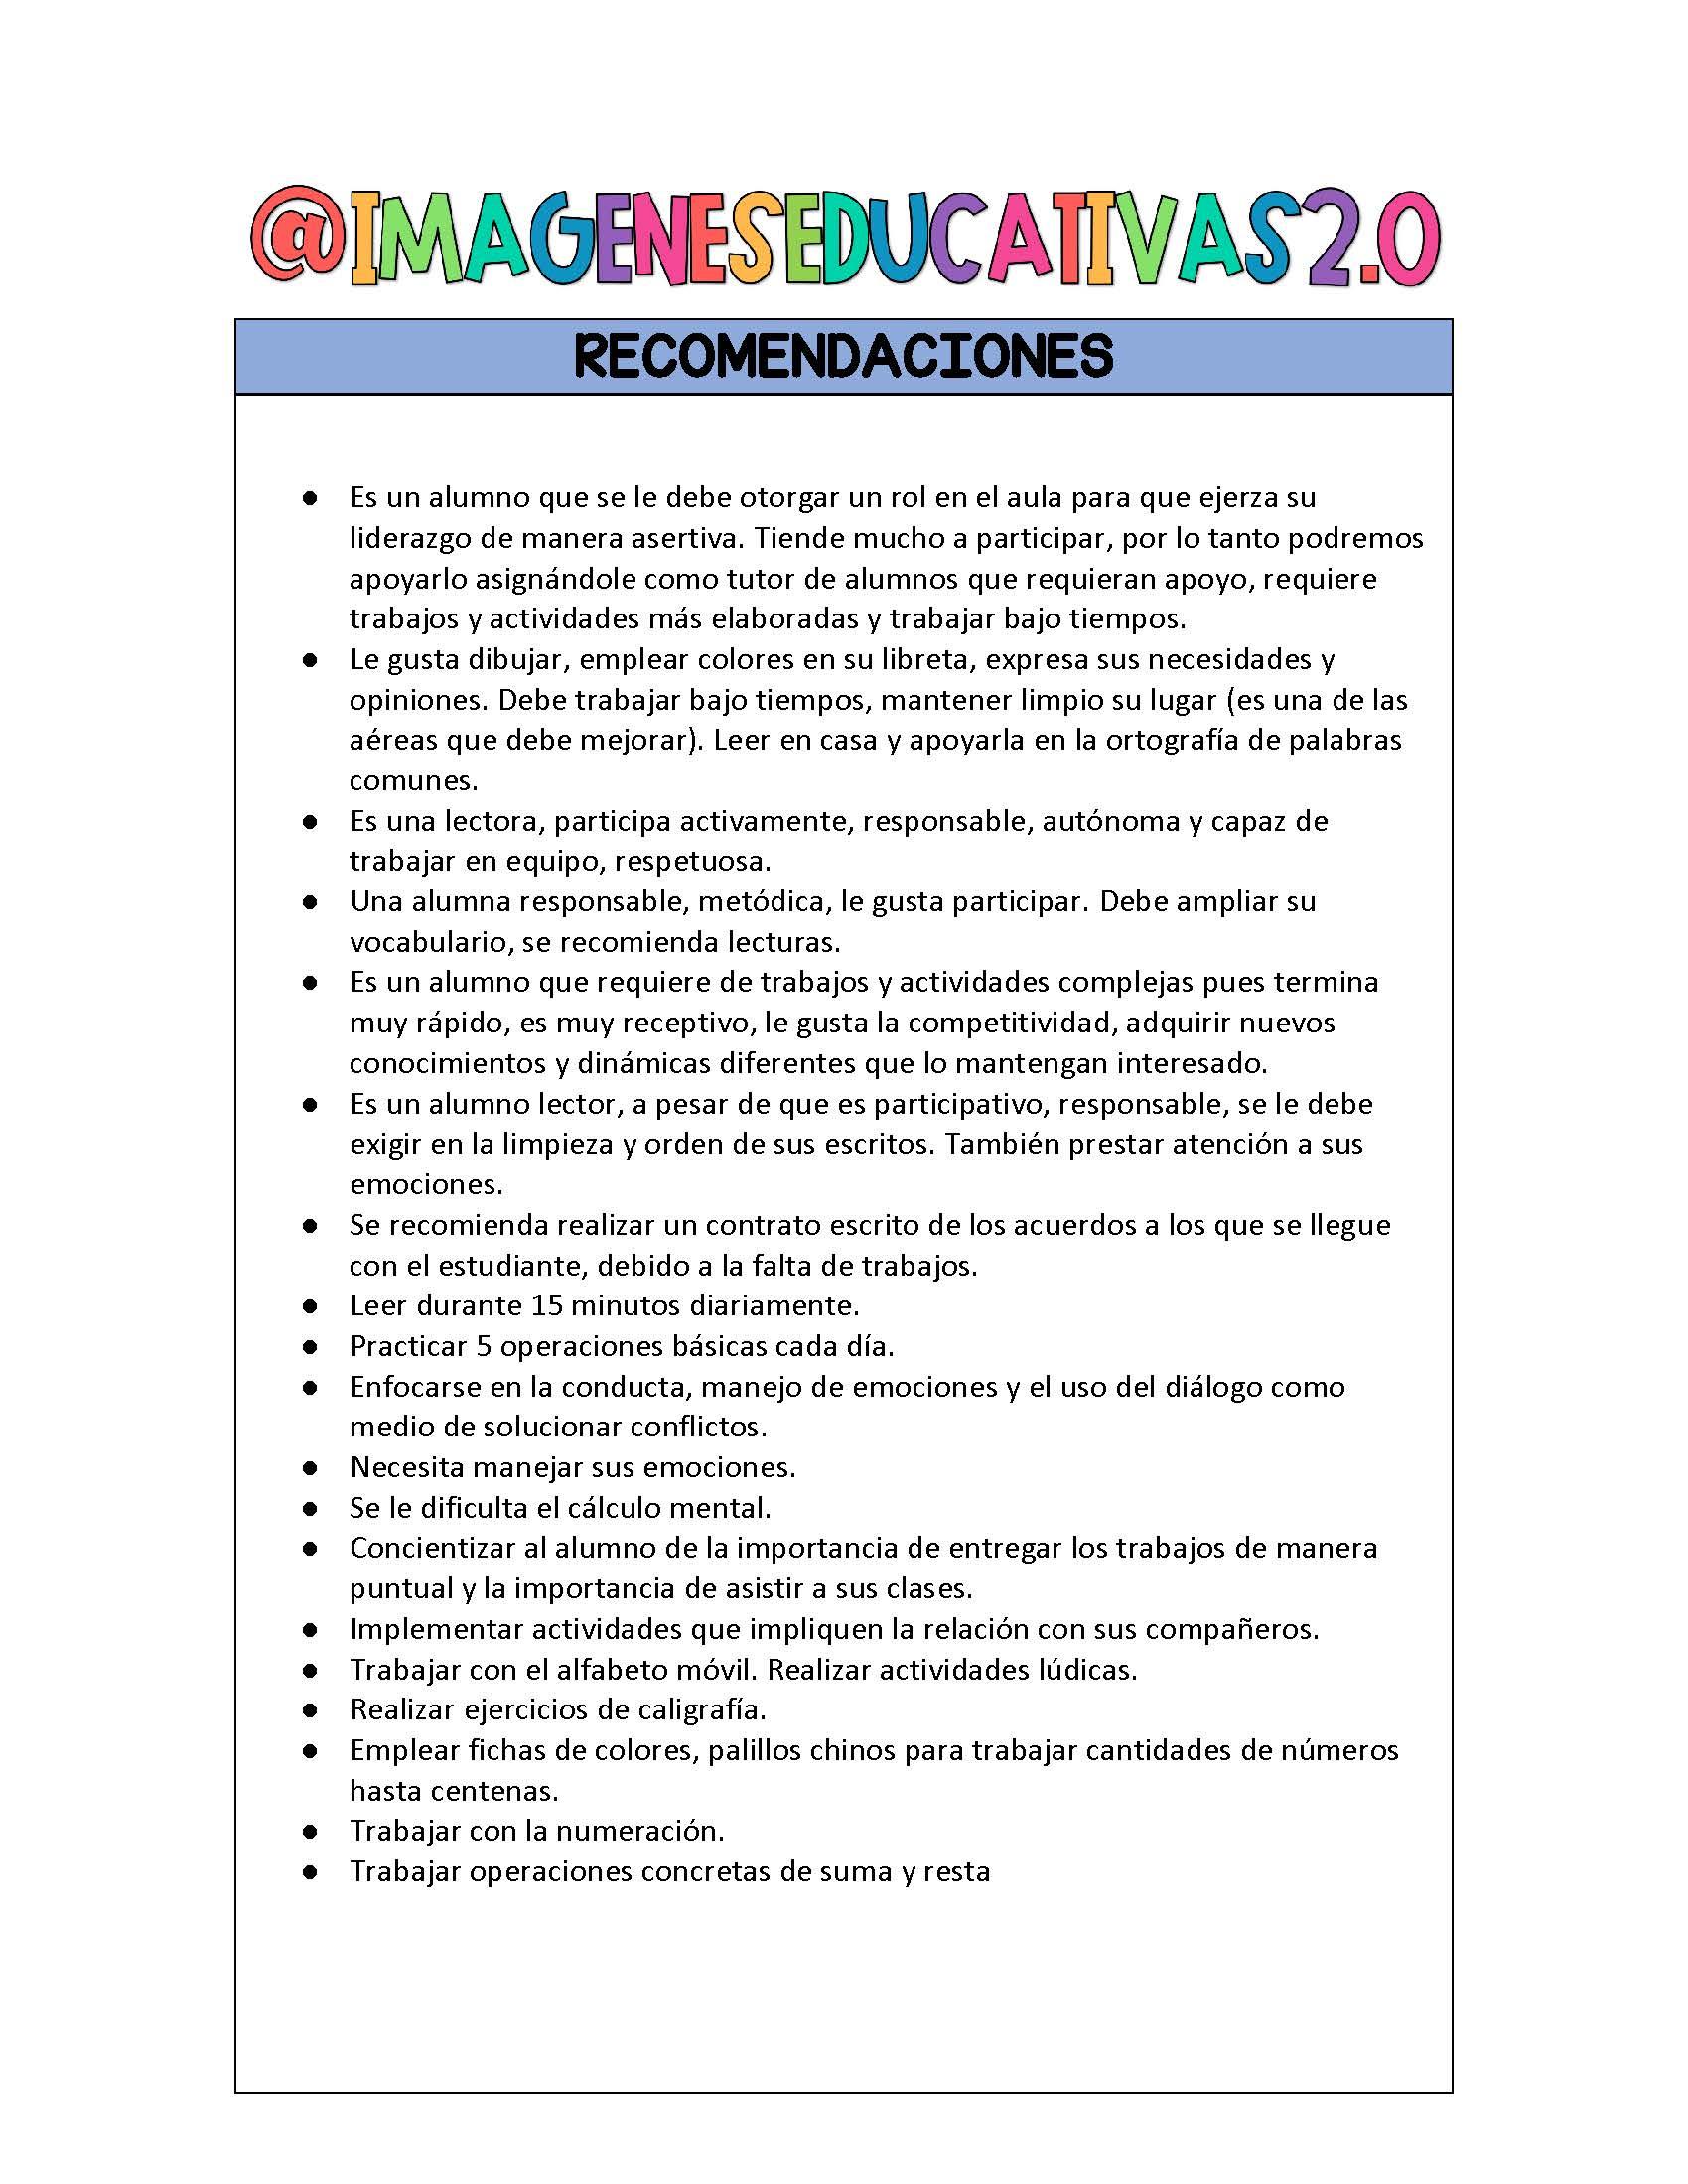 Bodas reales en La Rioja - Página 4